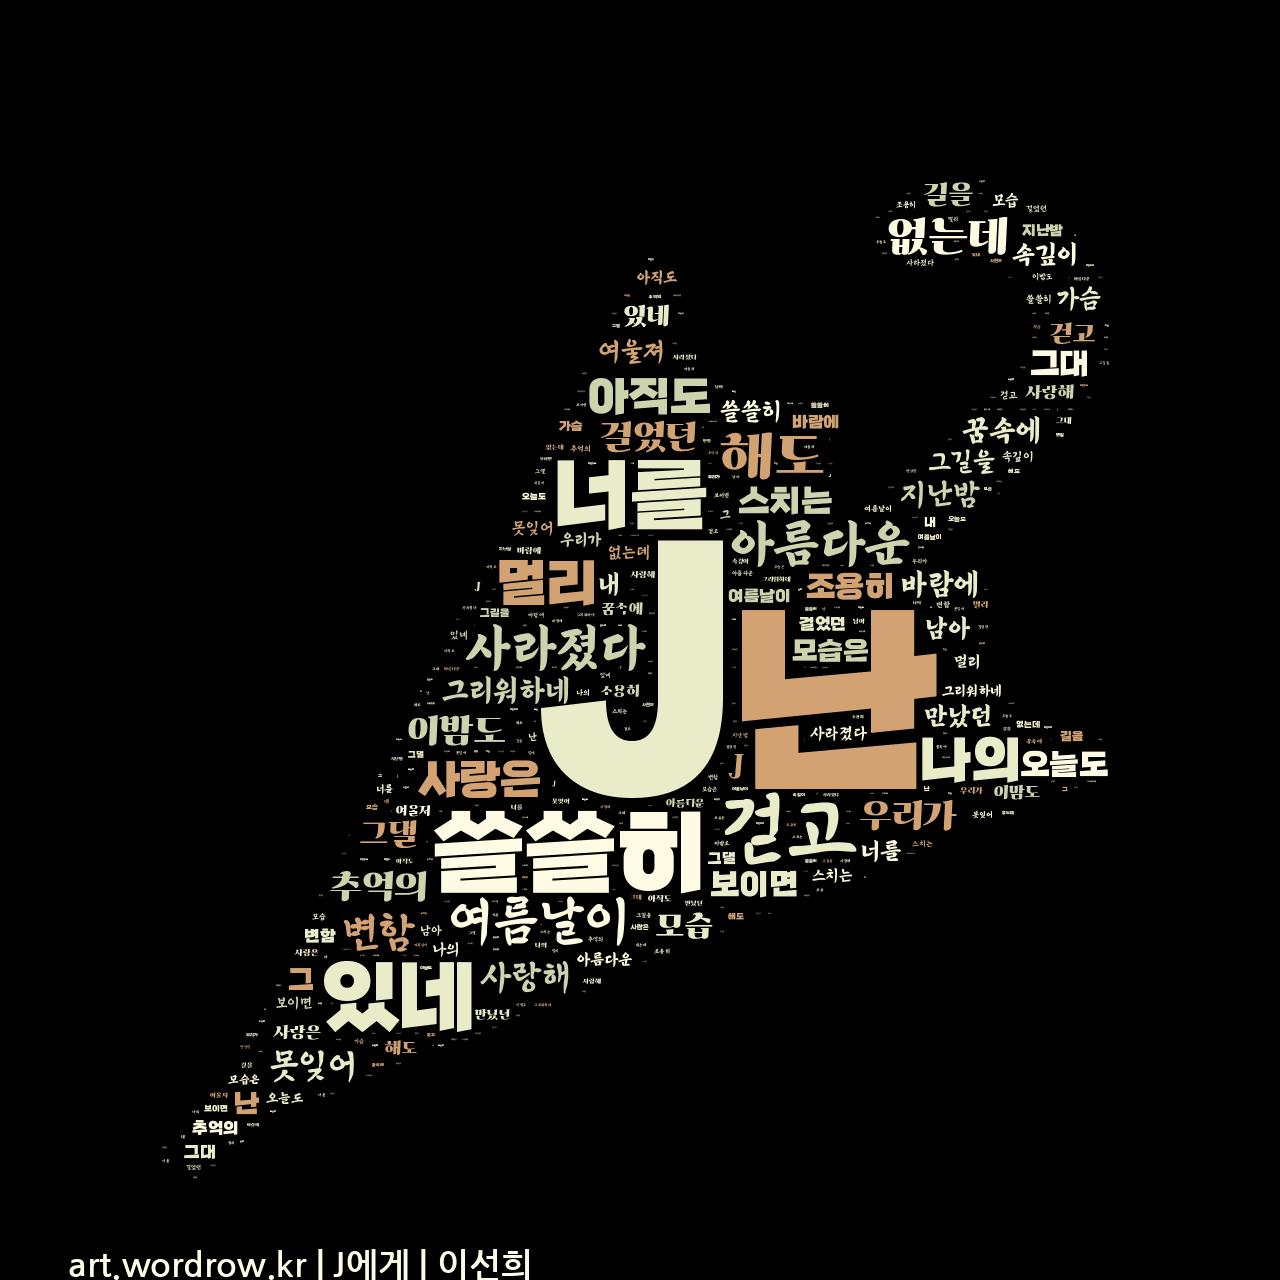 워드 클라우드: J에게 [이선희]-64